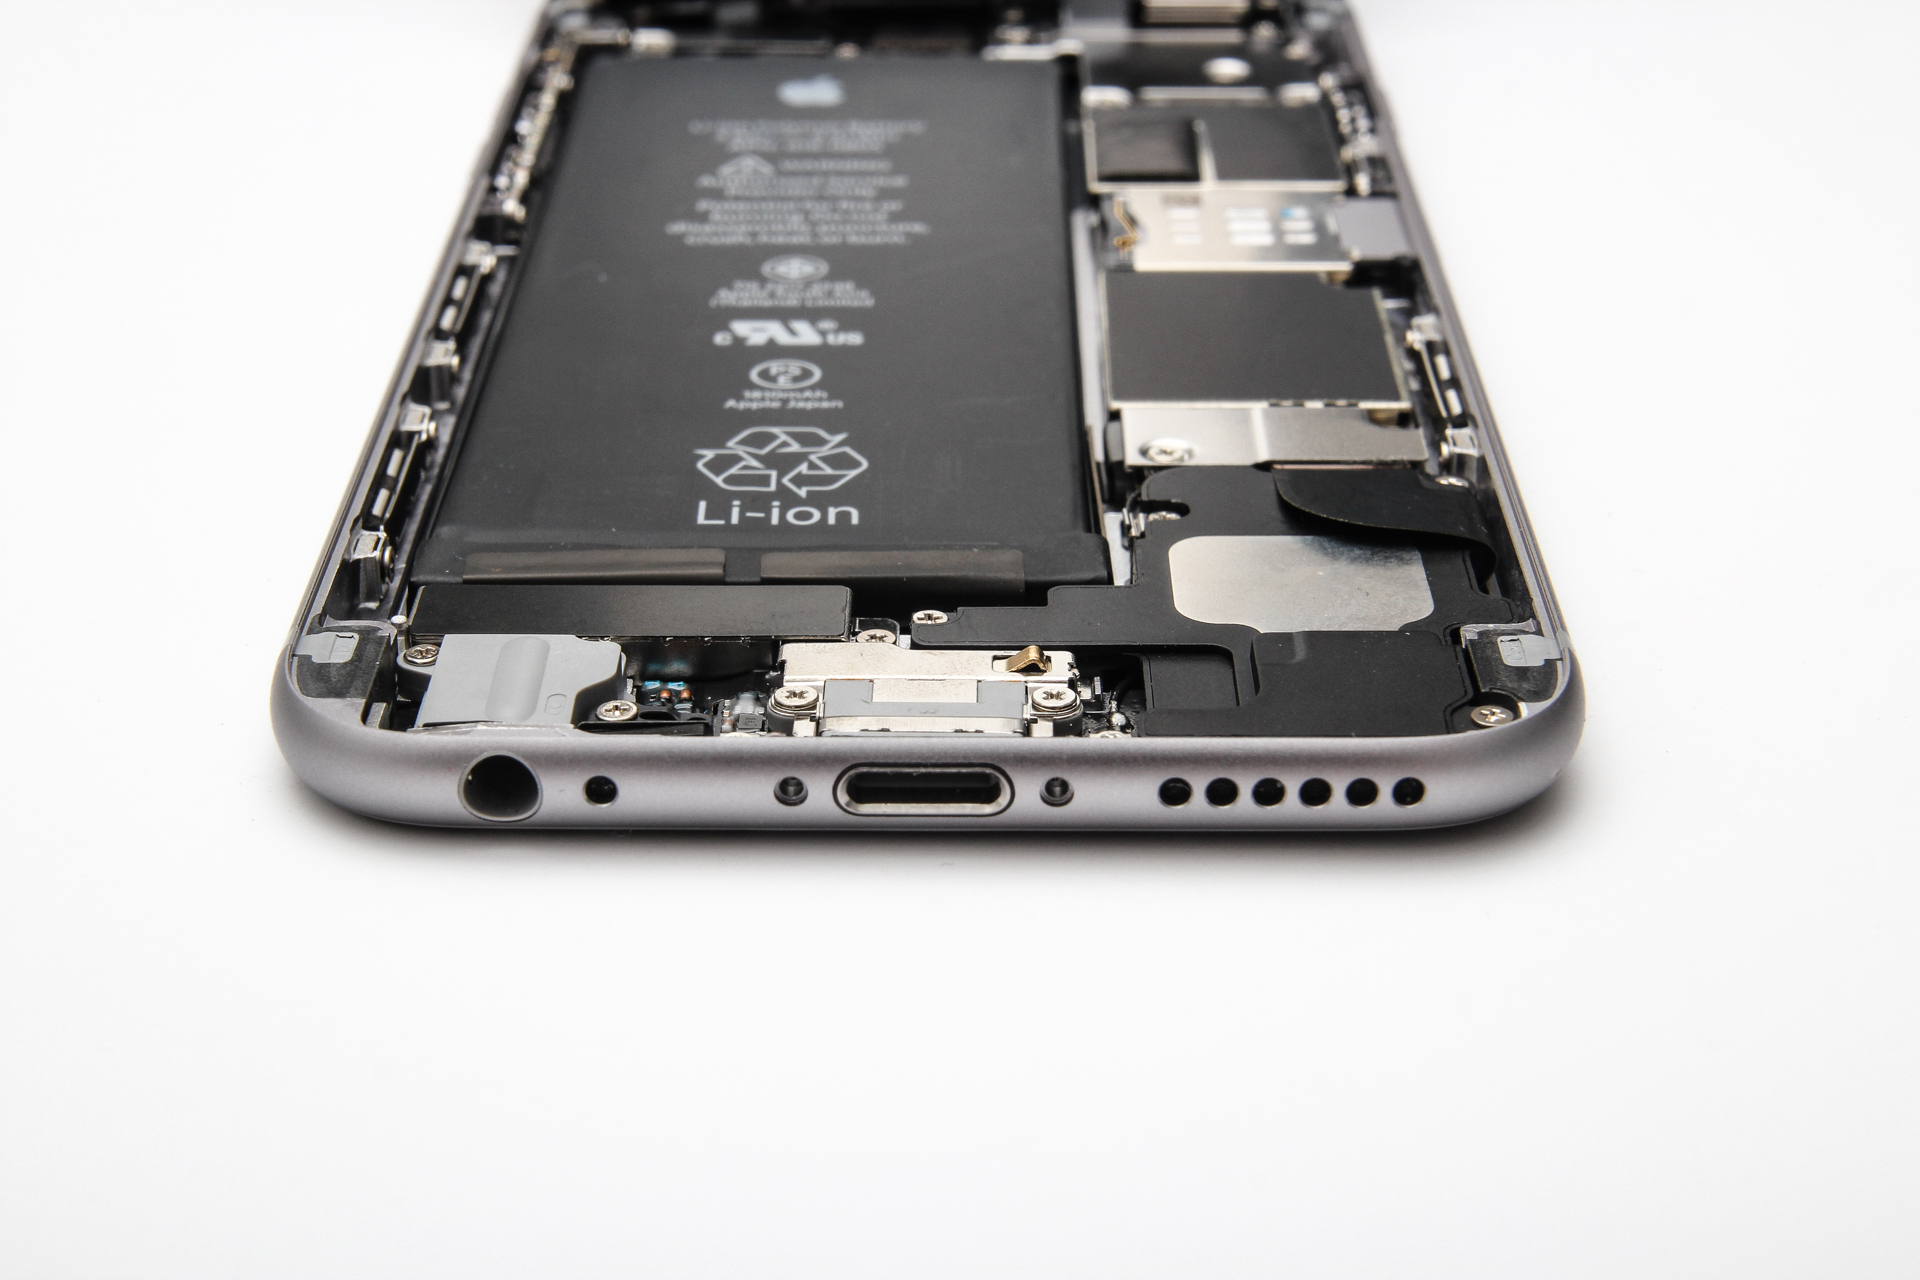 Két gigabájt szupergyors memória az iPhone 6s-ben: a hét másik nagy pletykája, állítólag érezhető változást hoz majd az új modul. Lassan jöhetne is, utoljára az 5s-ben dupláztak memóriát, azóta 1 gigabájt van az iPhone-ban